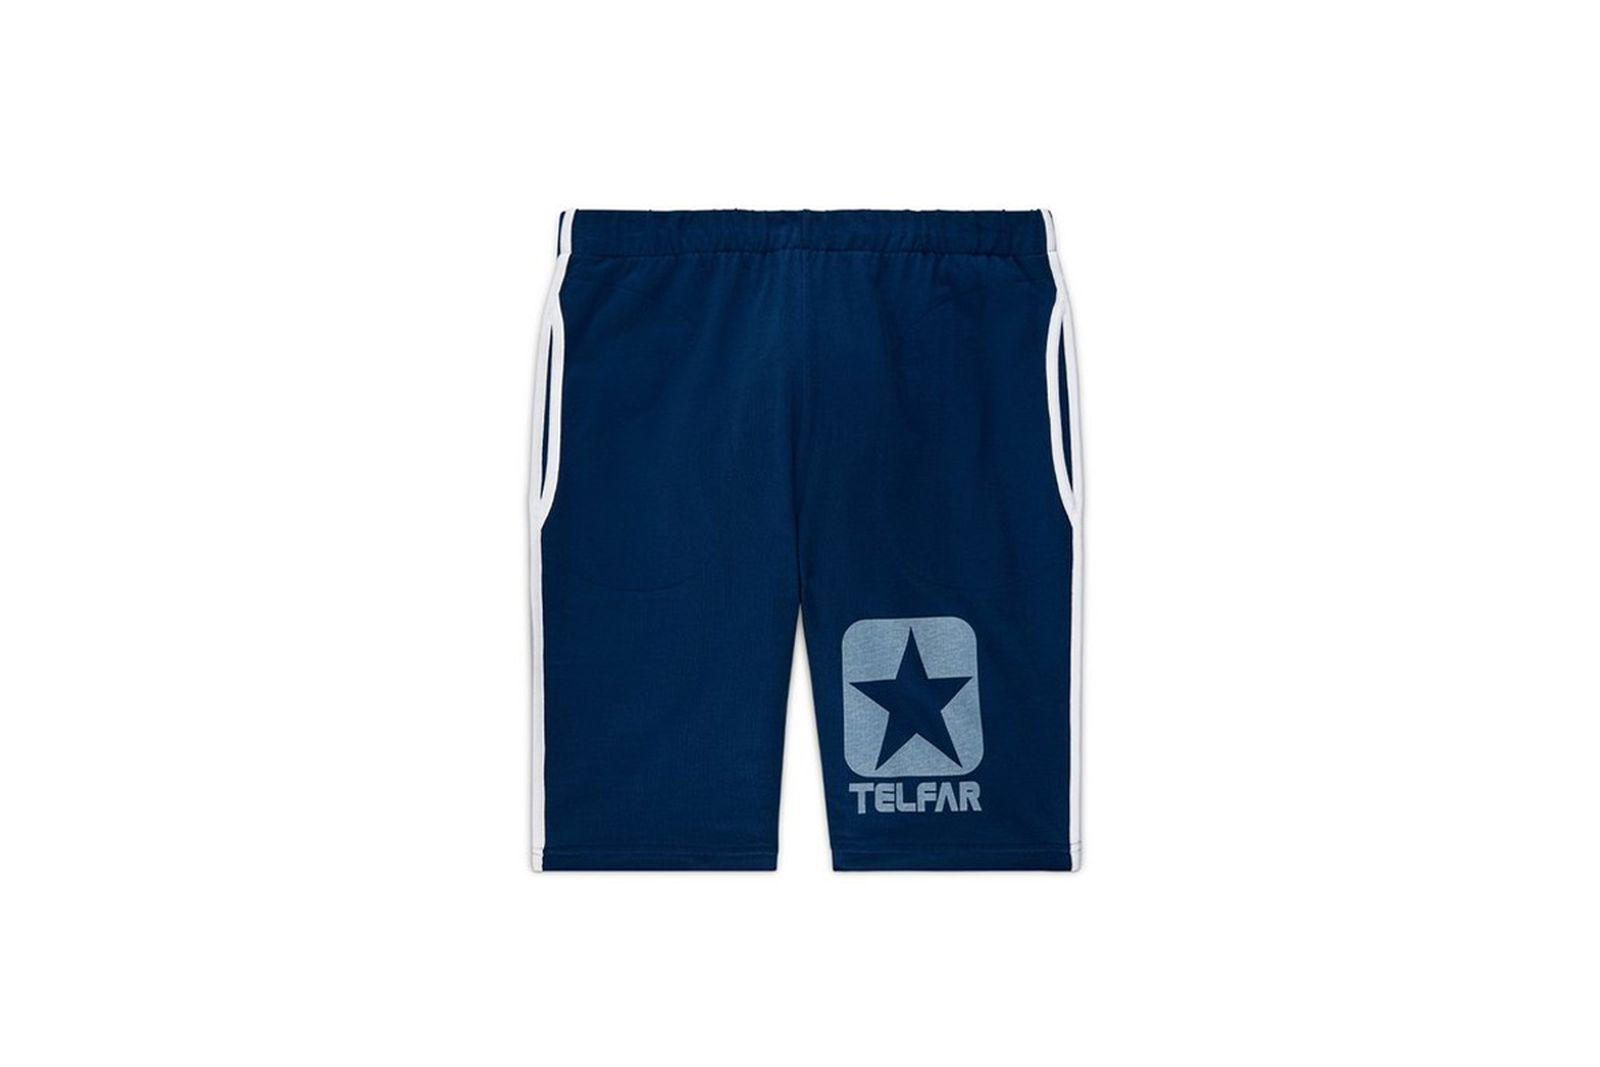 telfar-converse-pro-leather-release-date-price-06